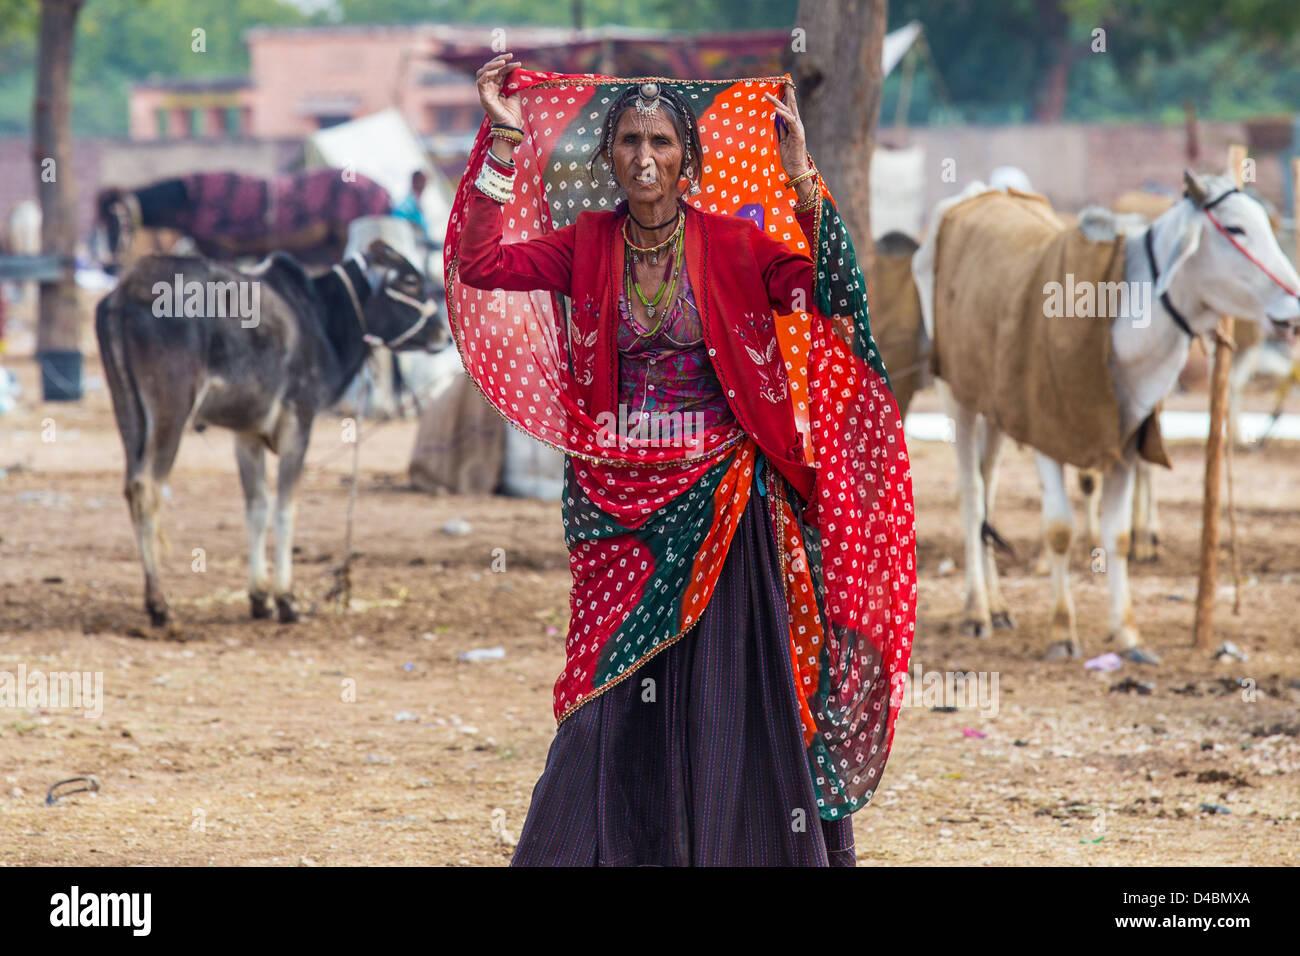 Rajput donna, Nagaur fiera del bestiame, Nagaur, Rajasthan, India Immagini Stock